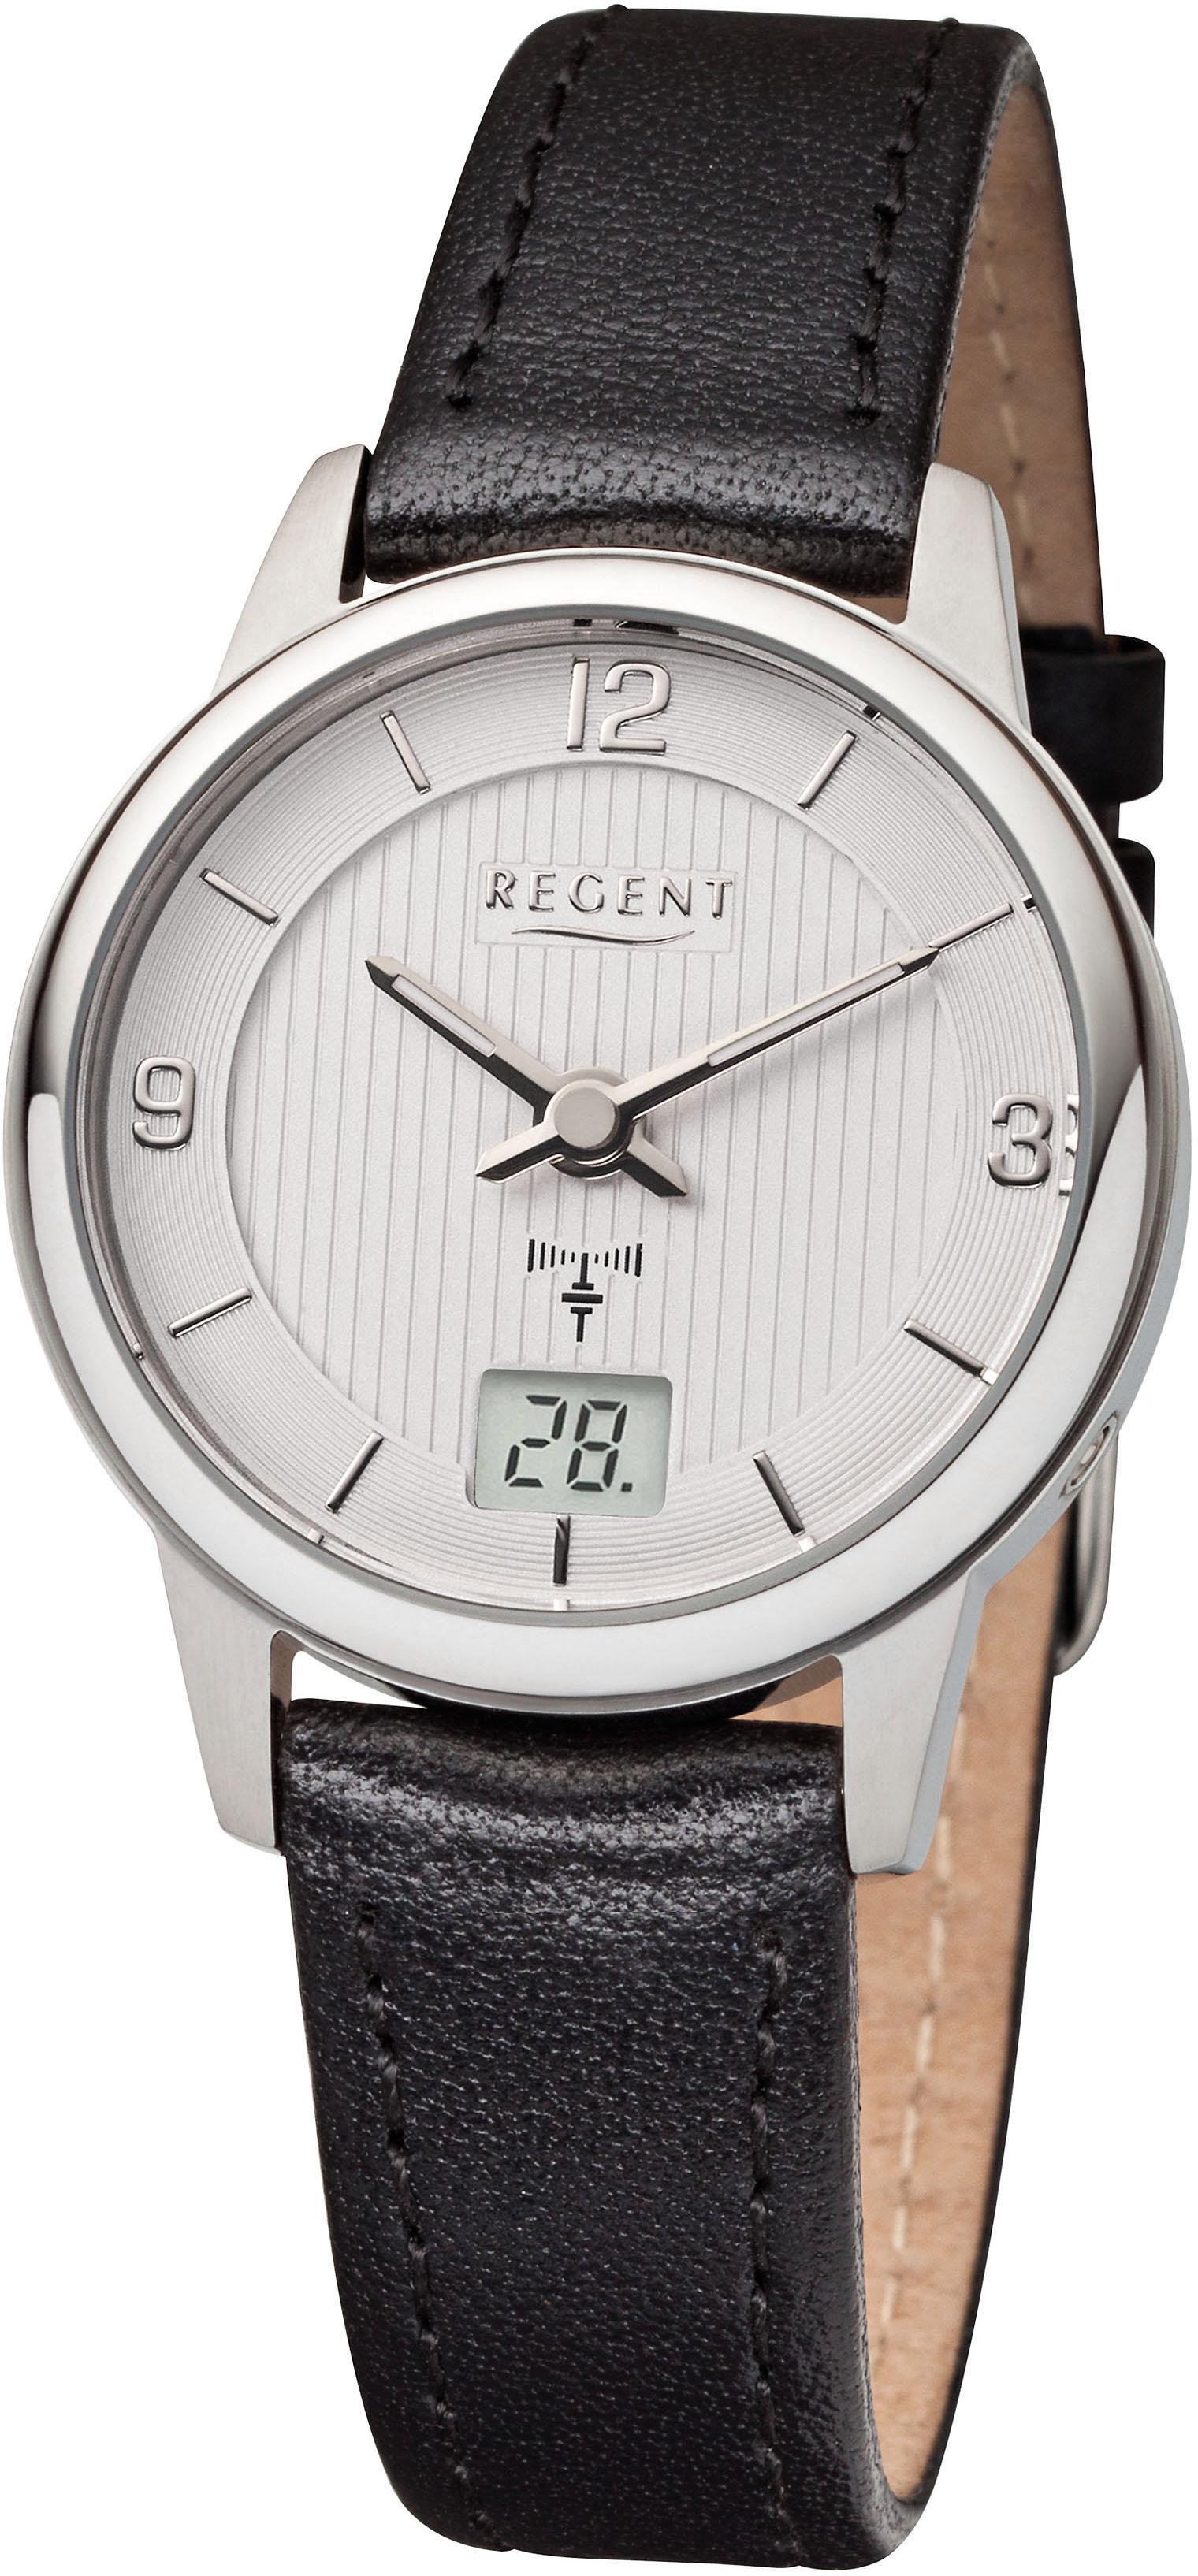 Regent Funkuhr 30724211 FR201 | Uhren > Funkuhren | Regent